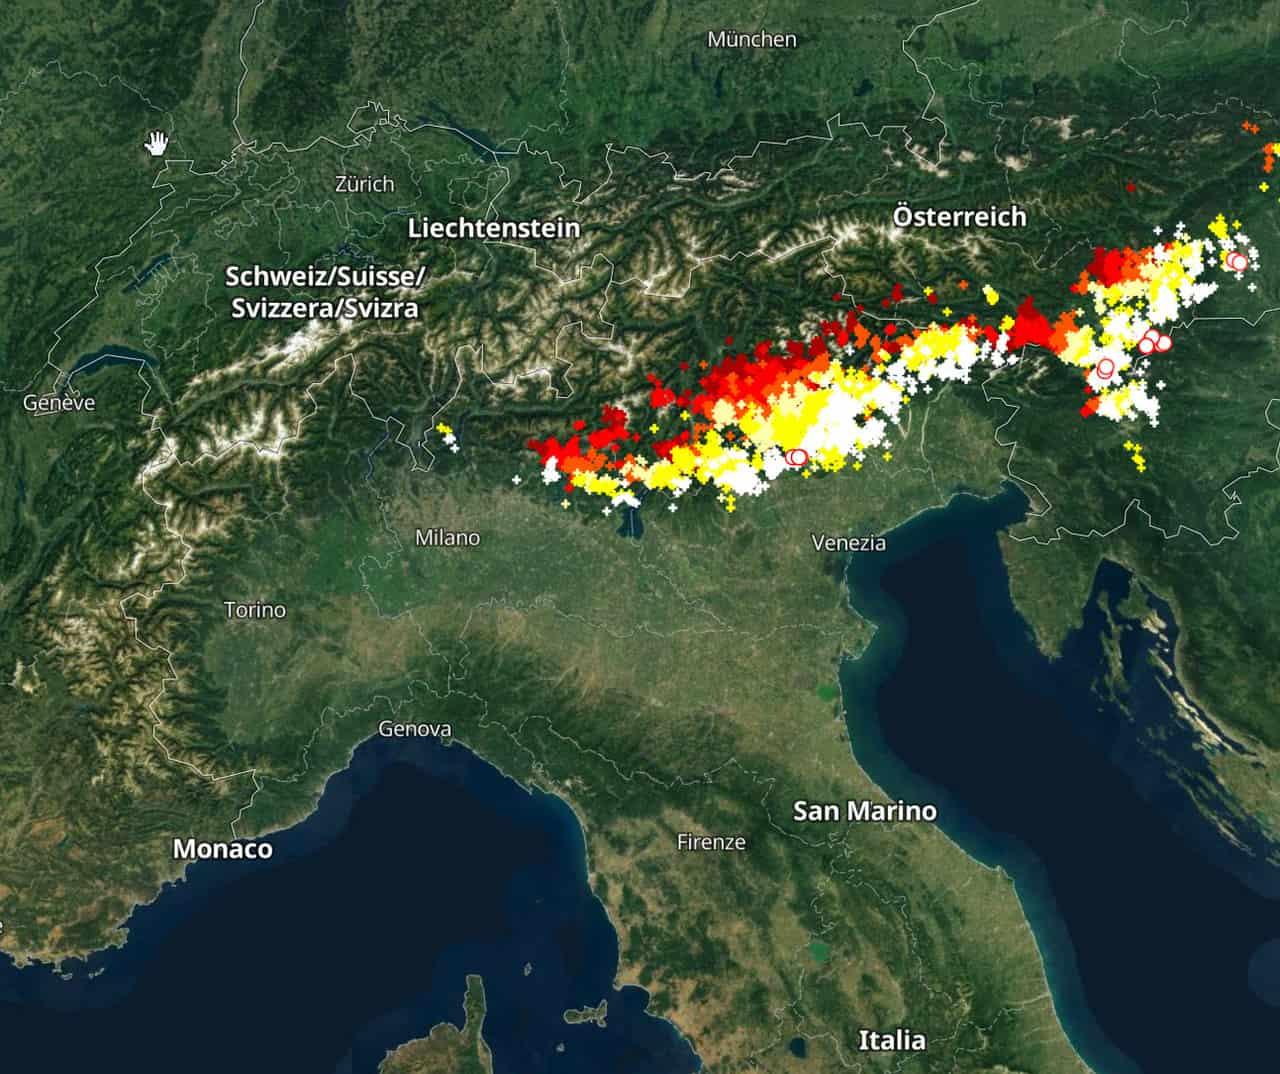 tempesta di fulmini - Tempesta di fulmini, forti grandinate in atto nel Nord Italia